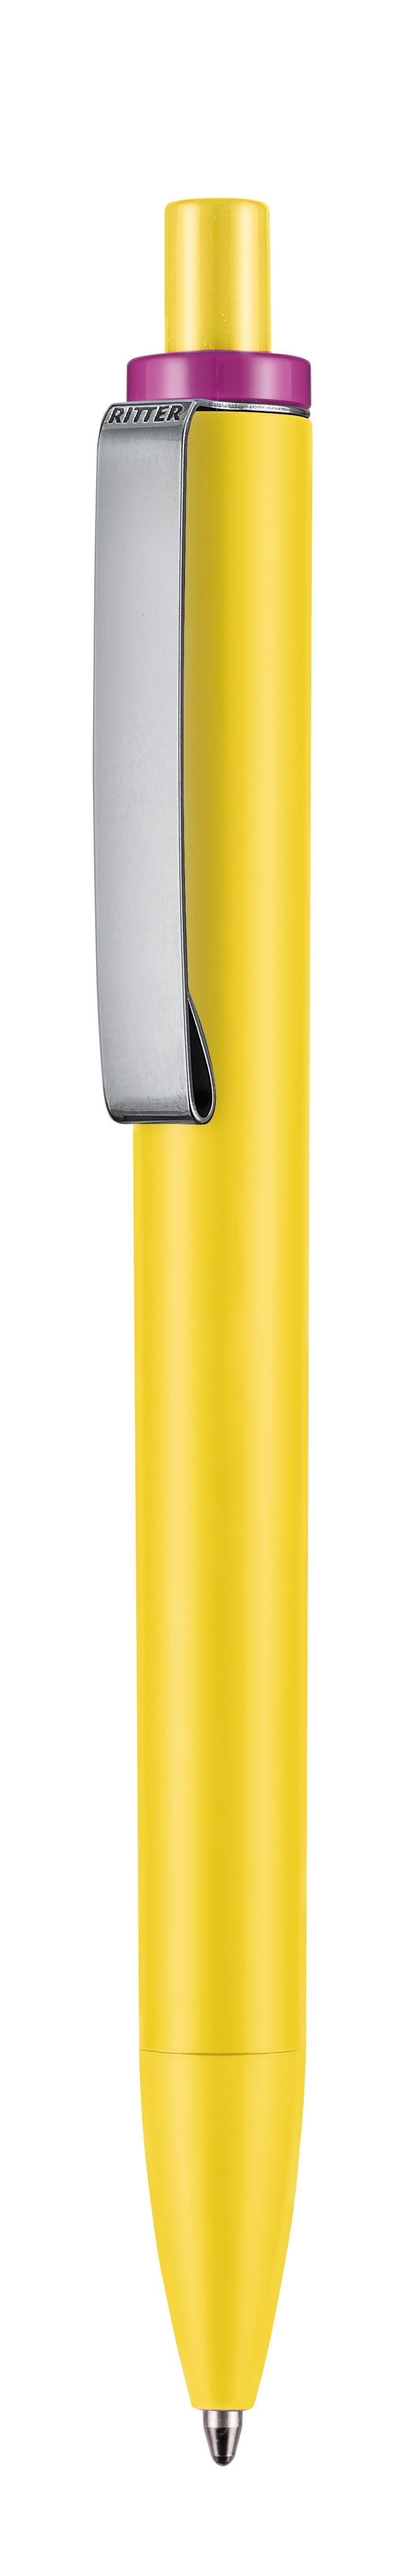 Kugelschreiber EXOS-SOFT